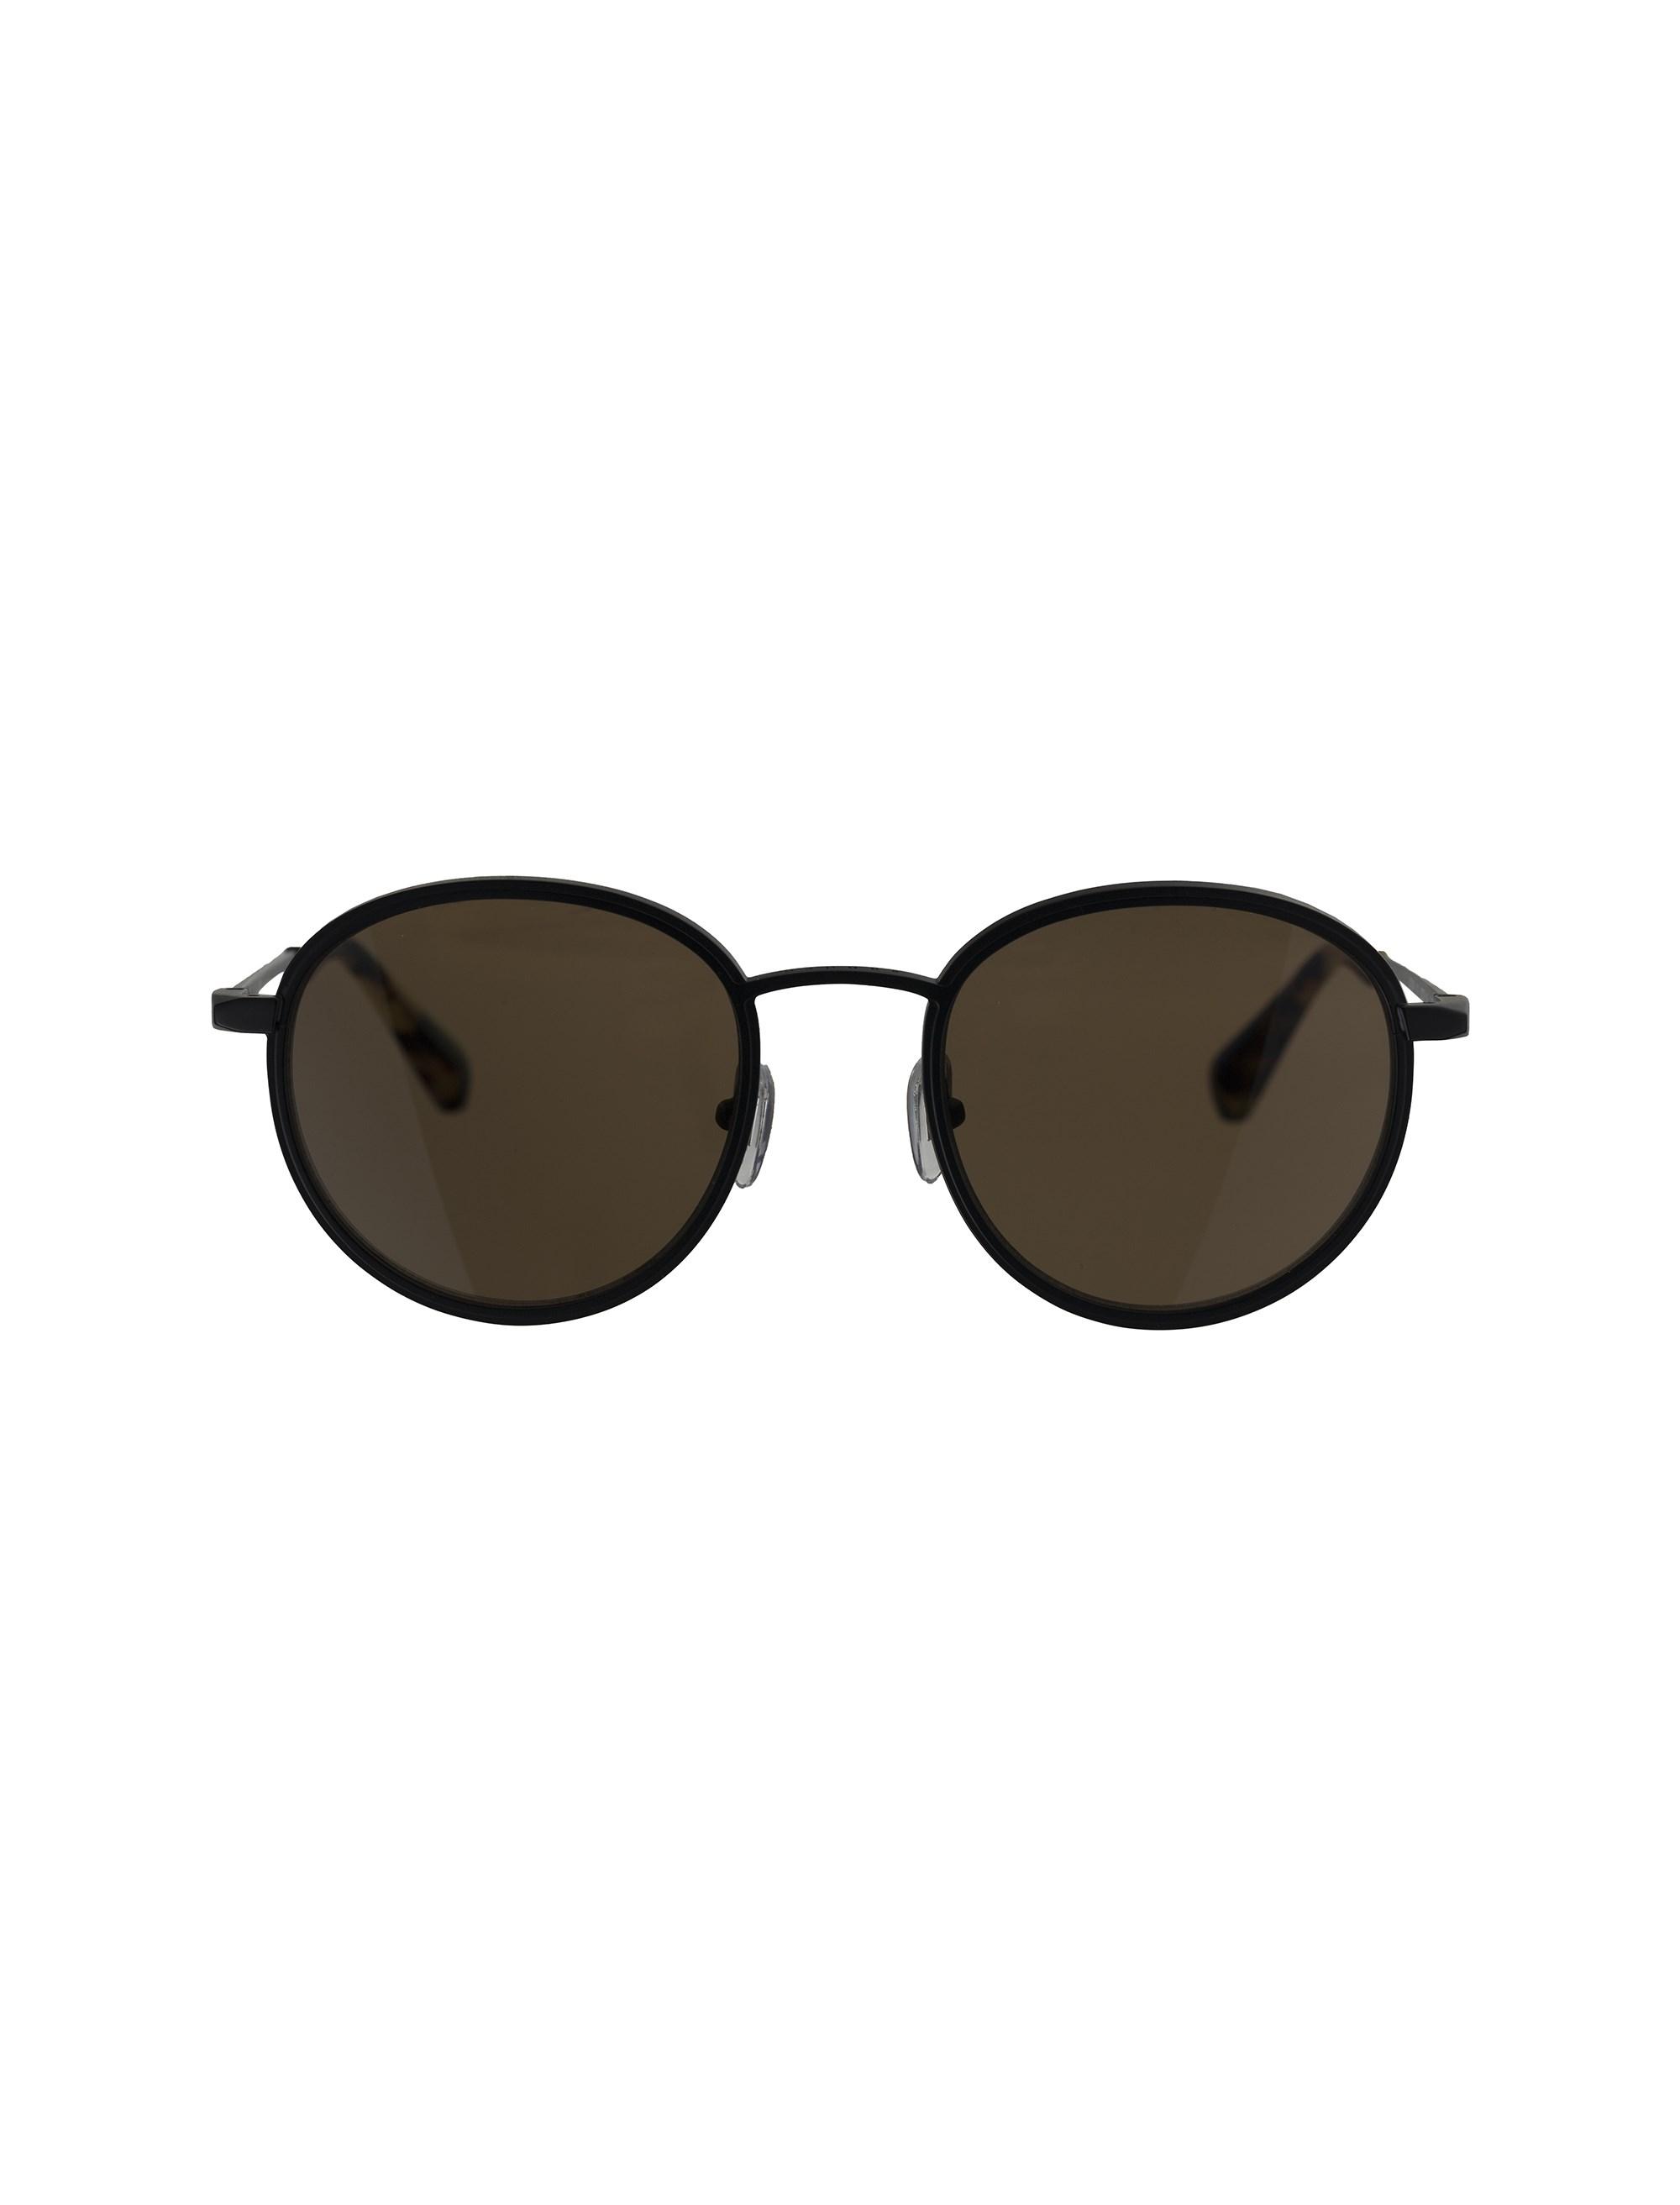 قیمت عینک آفتابی گرد بزرگسال - ساندرو